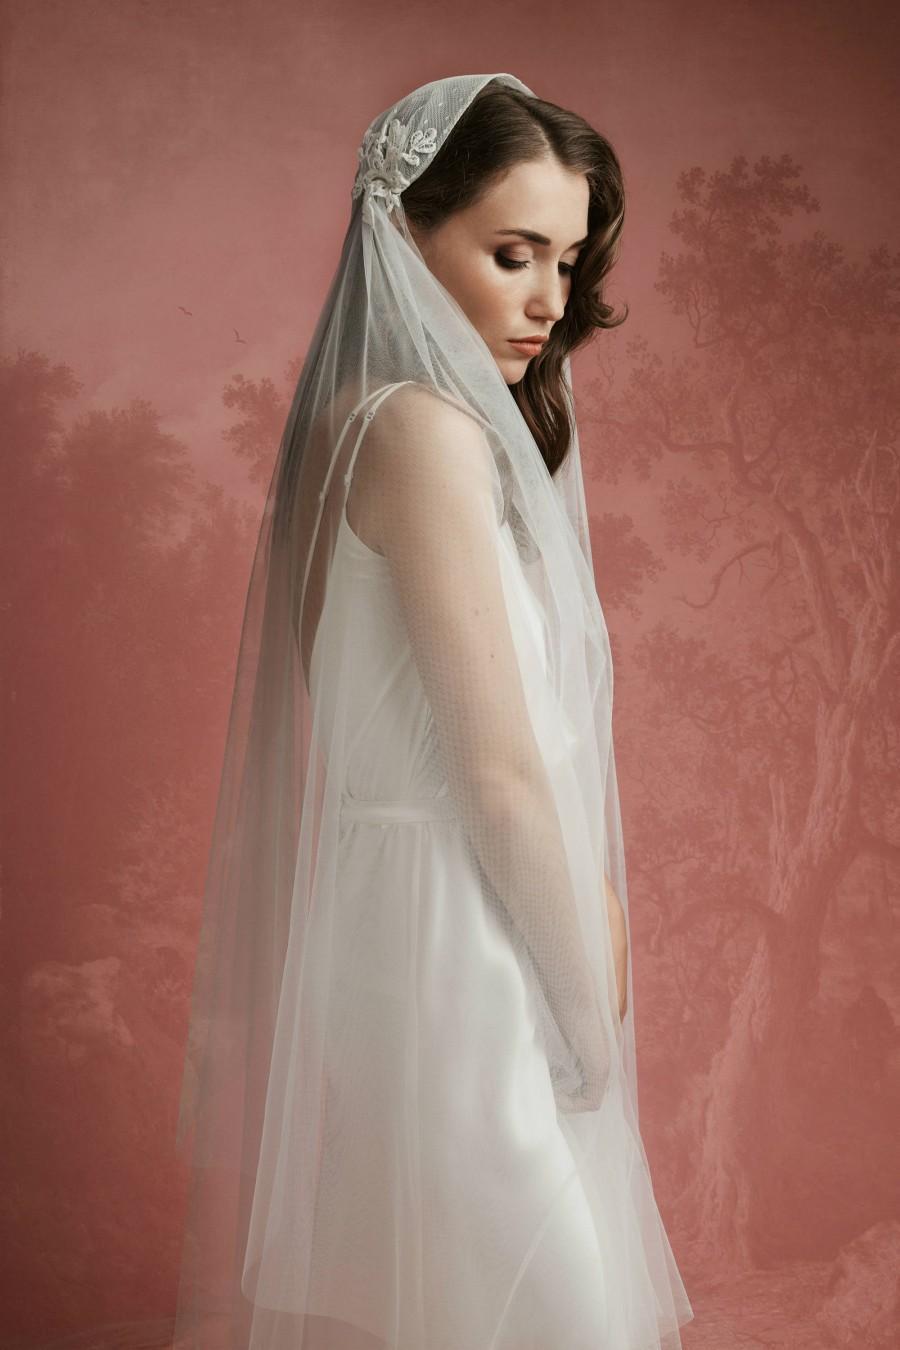 Wedding - Lace Juliet Bridal Cap Veil with Blusher A11, Juliet Cap Veil, 1920s Veil, Cathedral Veil, Vintage Veil, Lace Wedding Veil, Lace Cap Veil